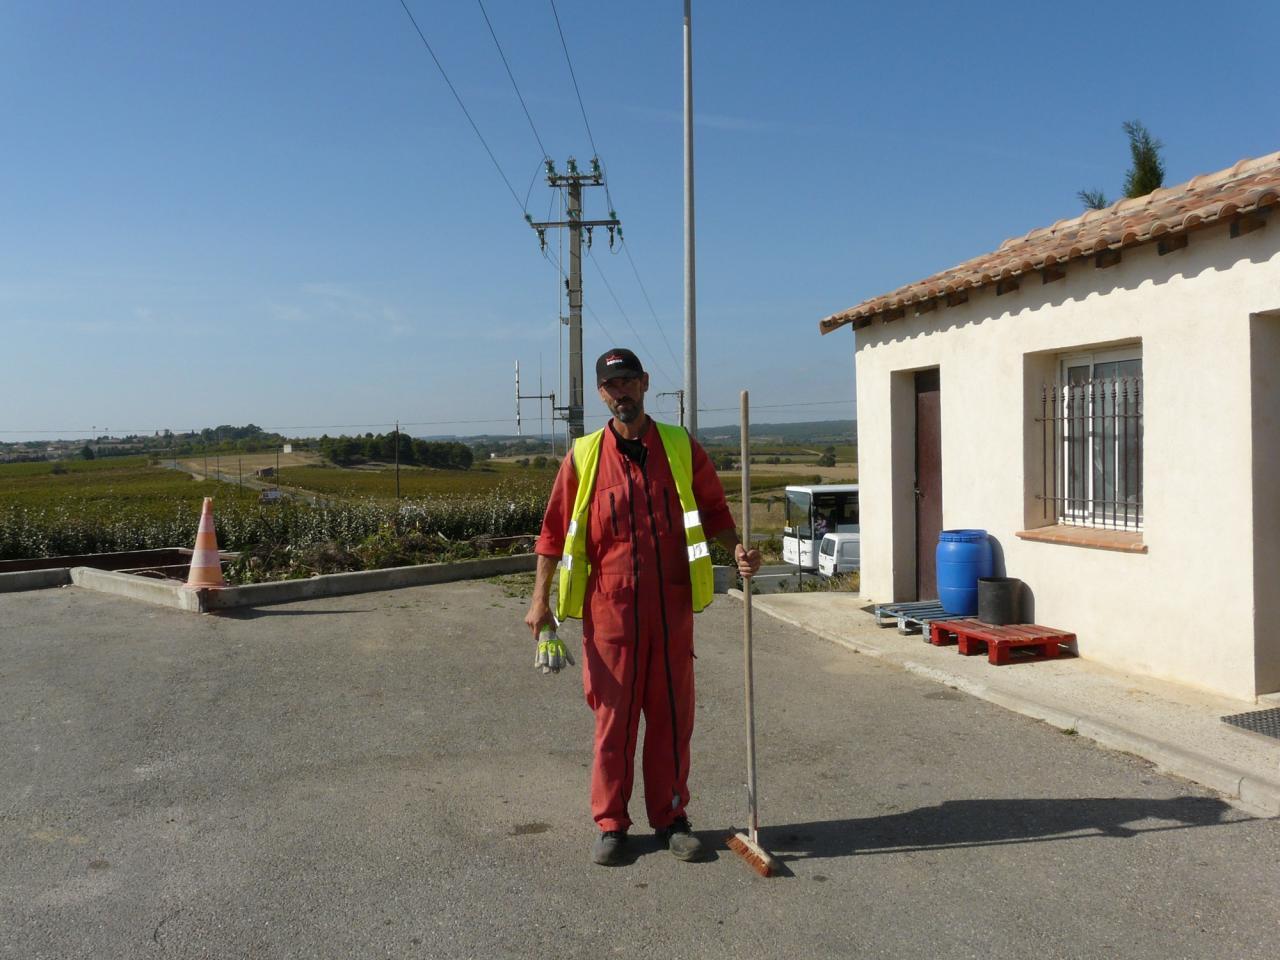 Conques 2011 (photos)